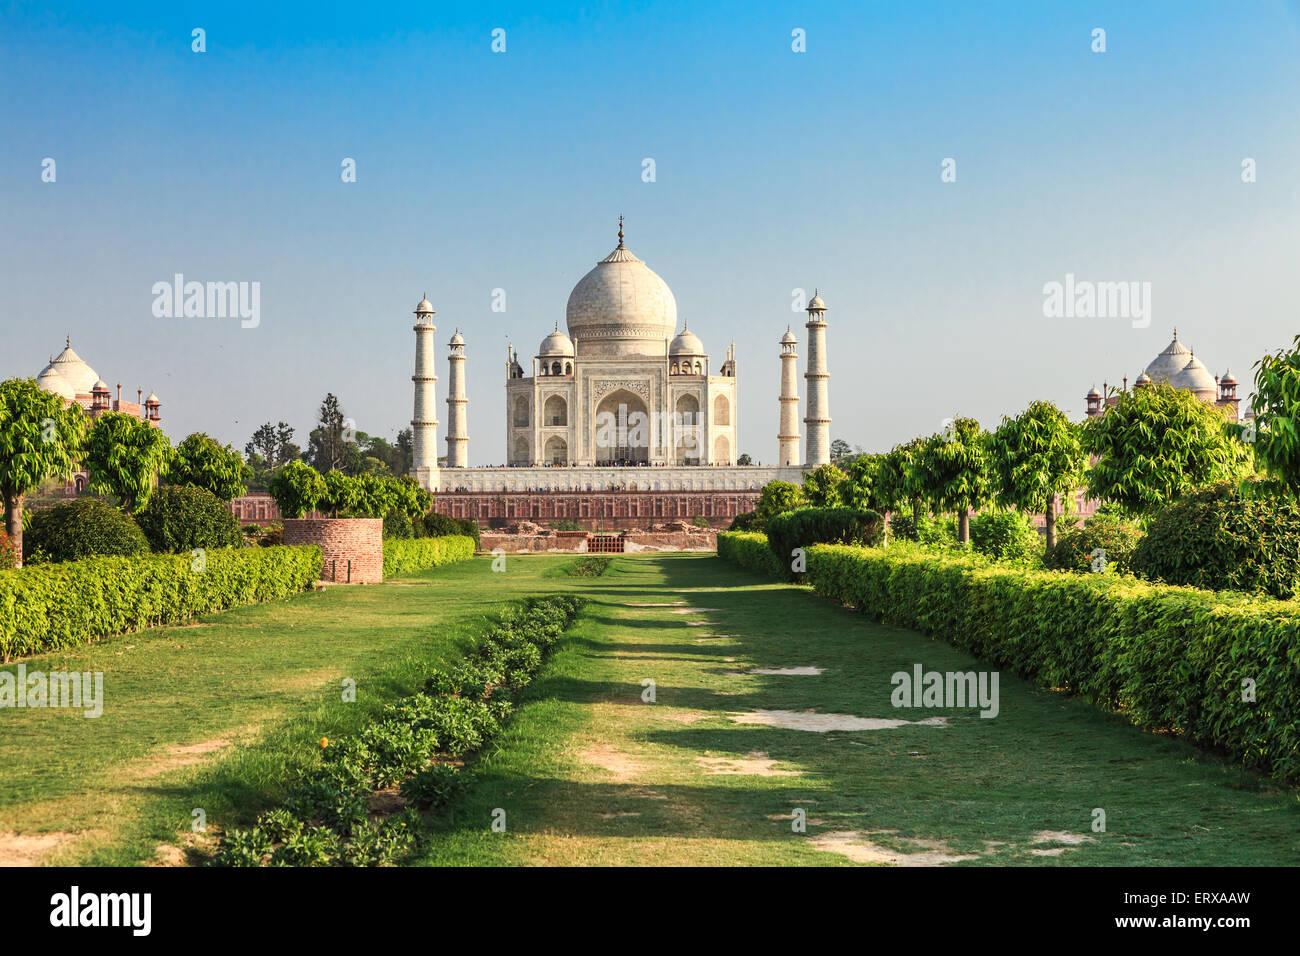 En la tarde el Taj Mahal, en Agra, India Imagen De Stock